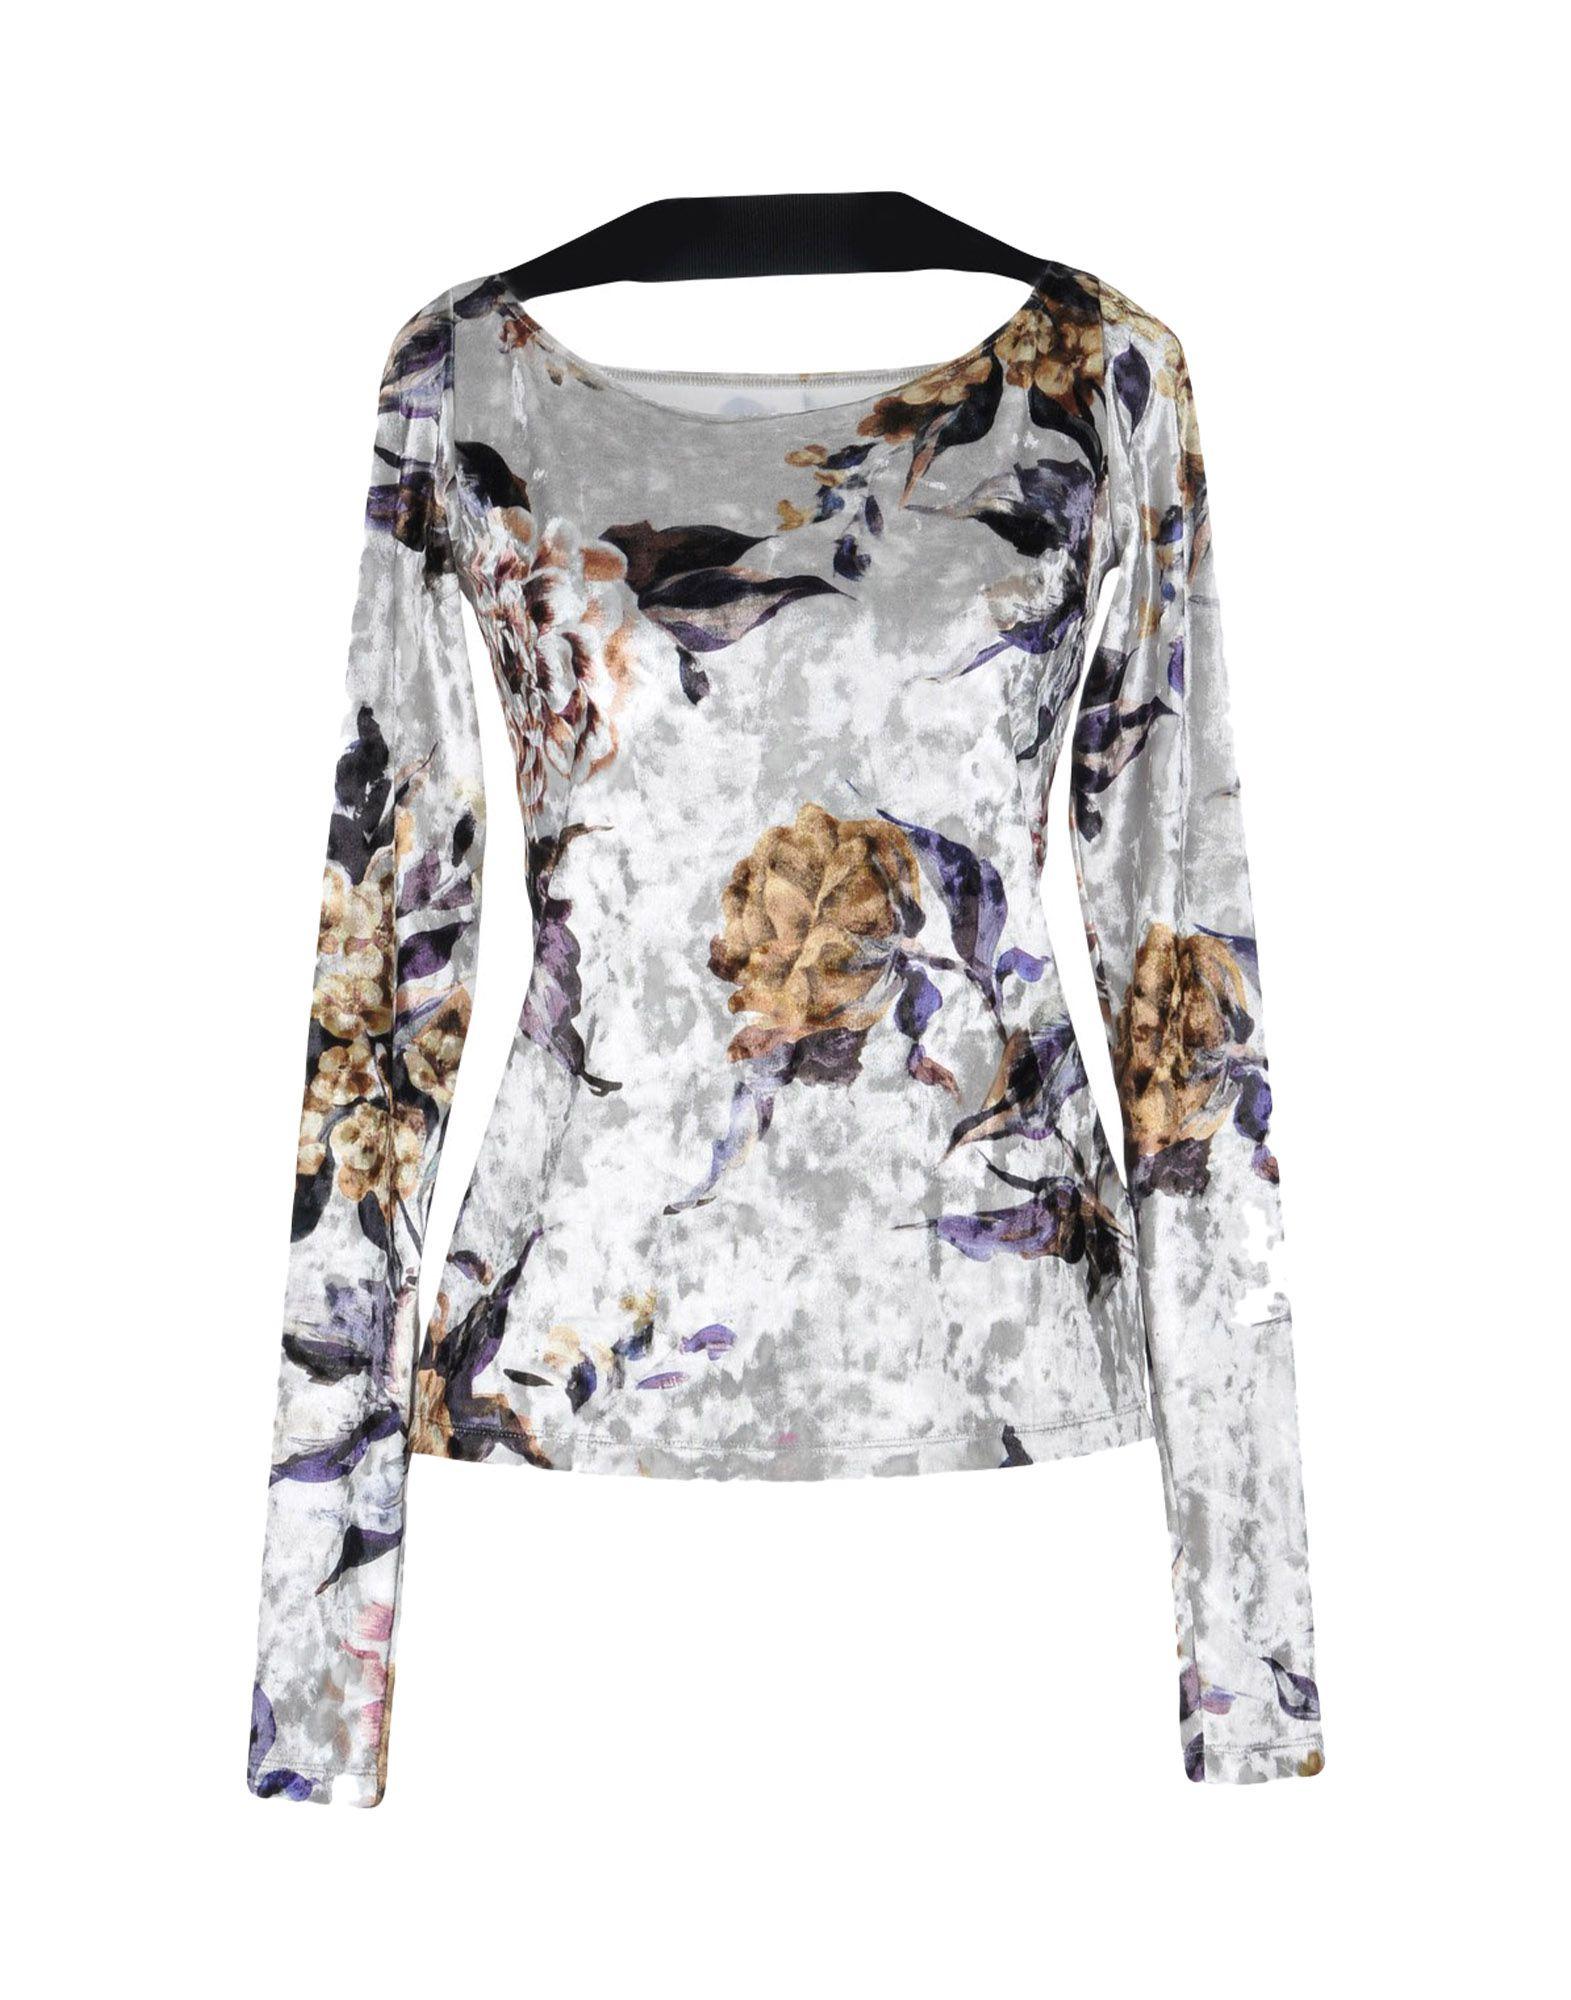 купить MM6 MAISON MARGIELA Блузка по цене 10000 рублей